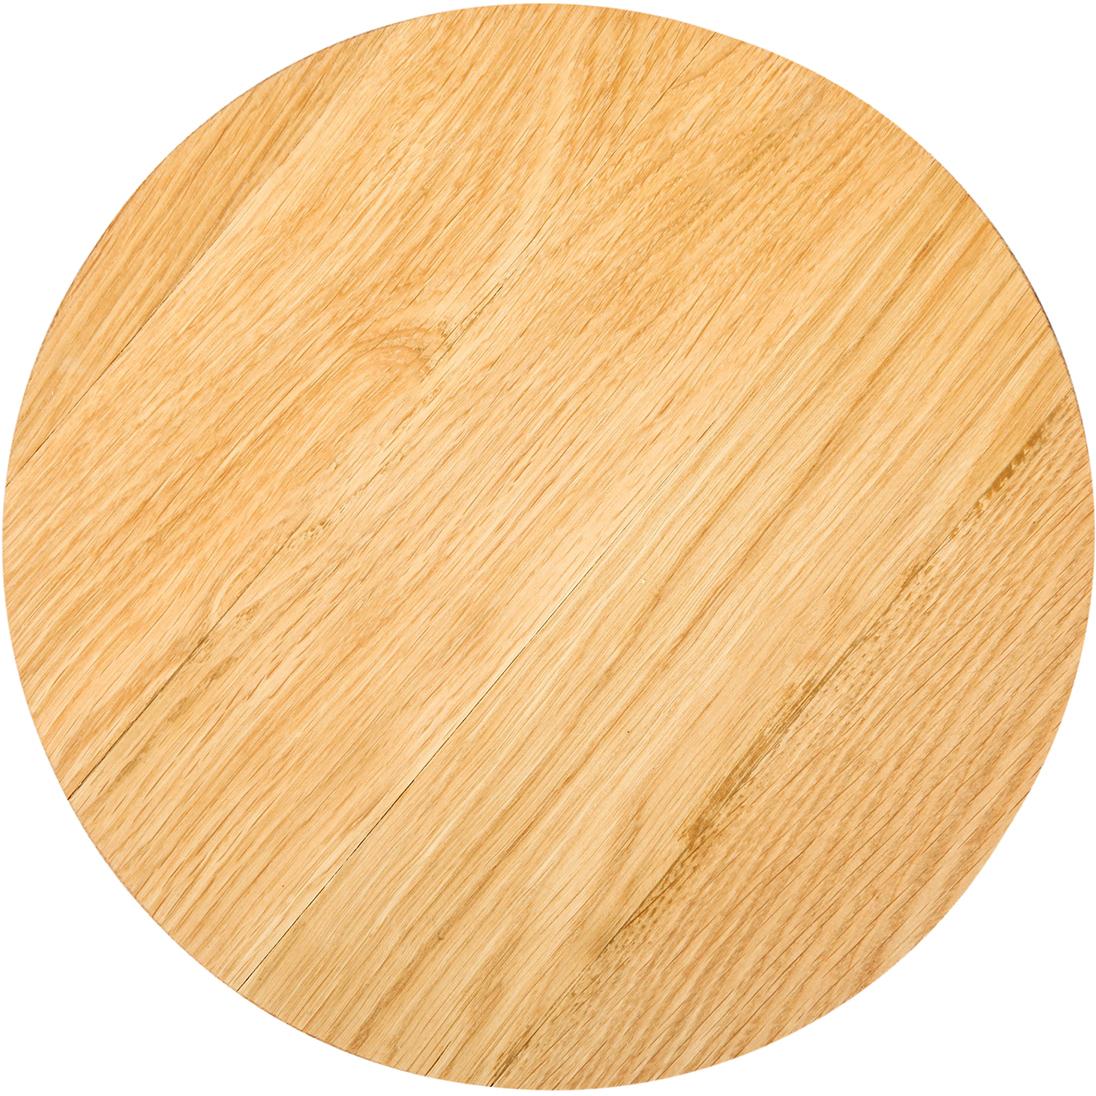 Доска разделочная Доброе дерево, диаметр 30 см2353483Разделочная доска - один из основных атрибутов кухонной утвари. Доска разделочная Доброе дерево выполнена из дерева. Легко моется. Не впитывает запахи. Такая доска понравится любой хозяйке и будет отличным помощником на кухне.